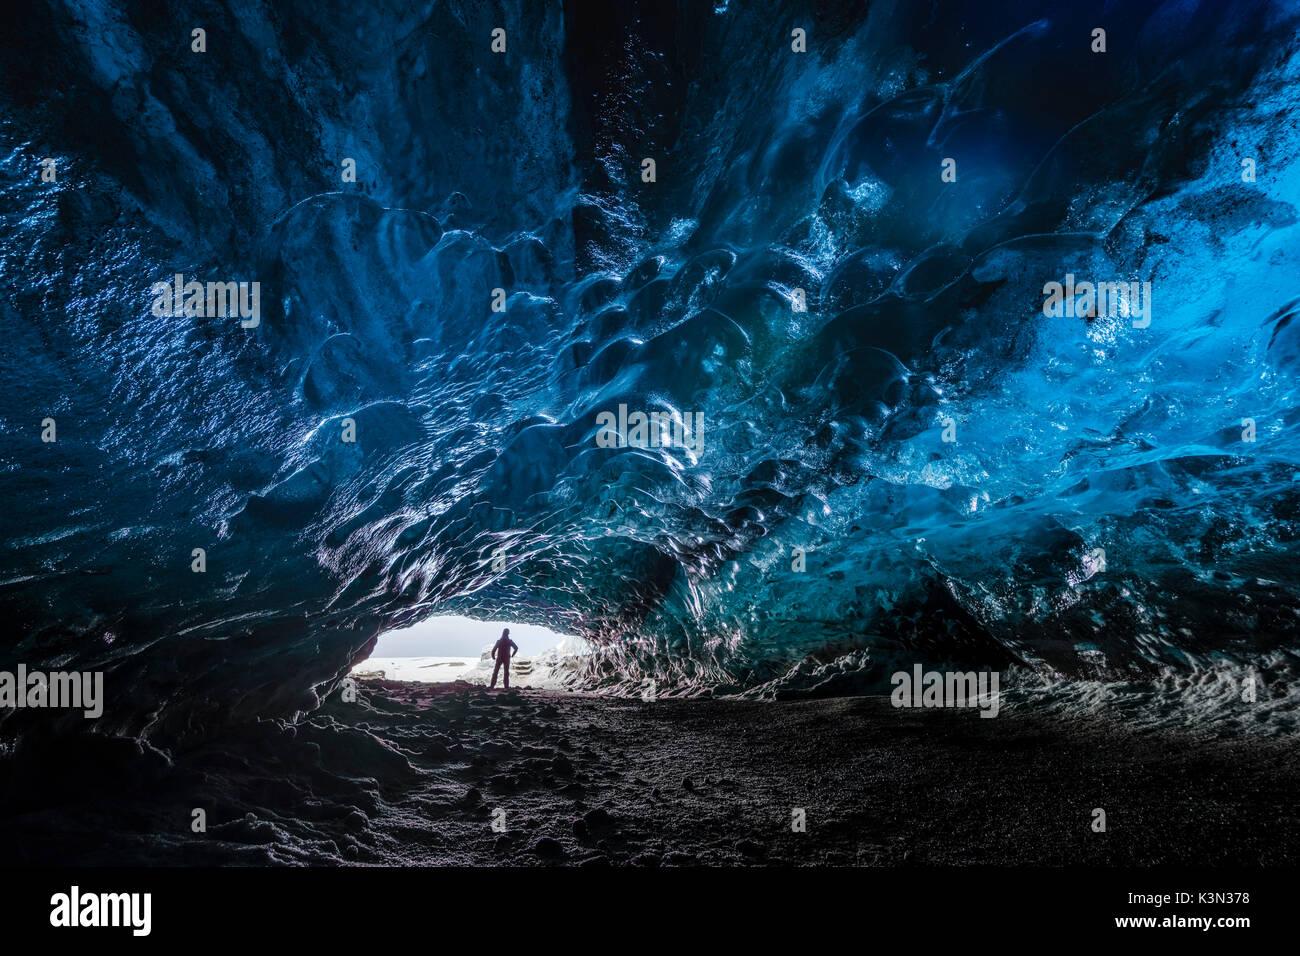 Homme à l'intérieur d'un spéléologue de glace sous le glacier Vatnajokull, parc national du Vatnajökull, est de l'Islande, Islande (MR) Photo Stock